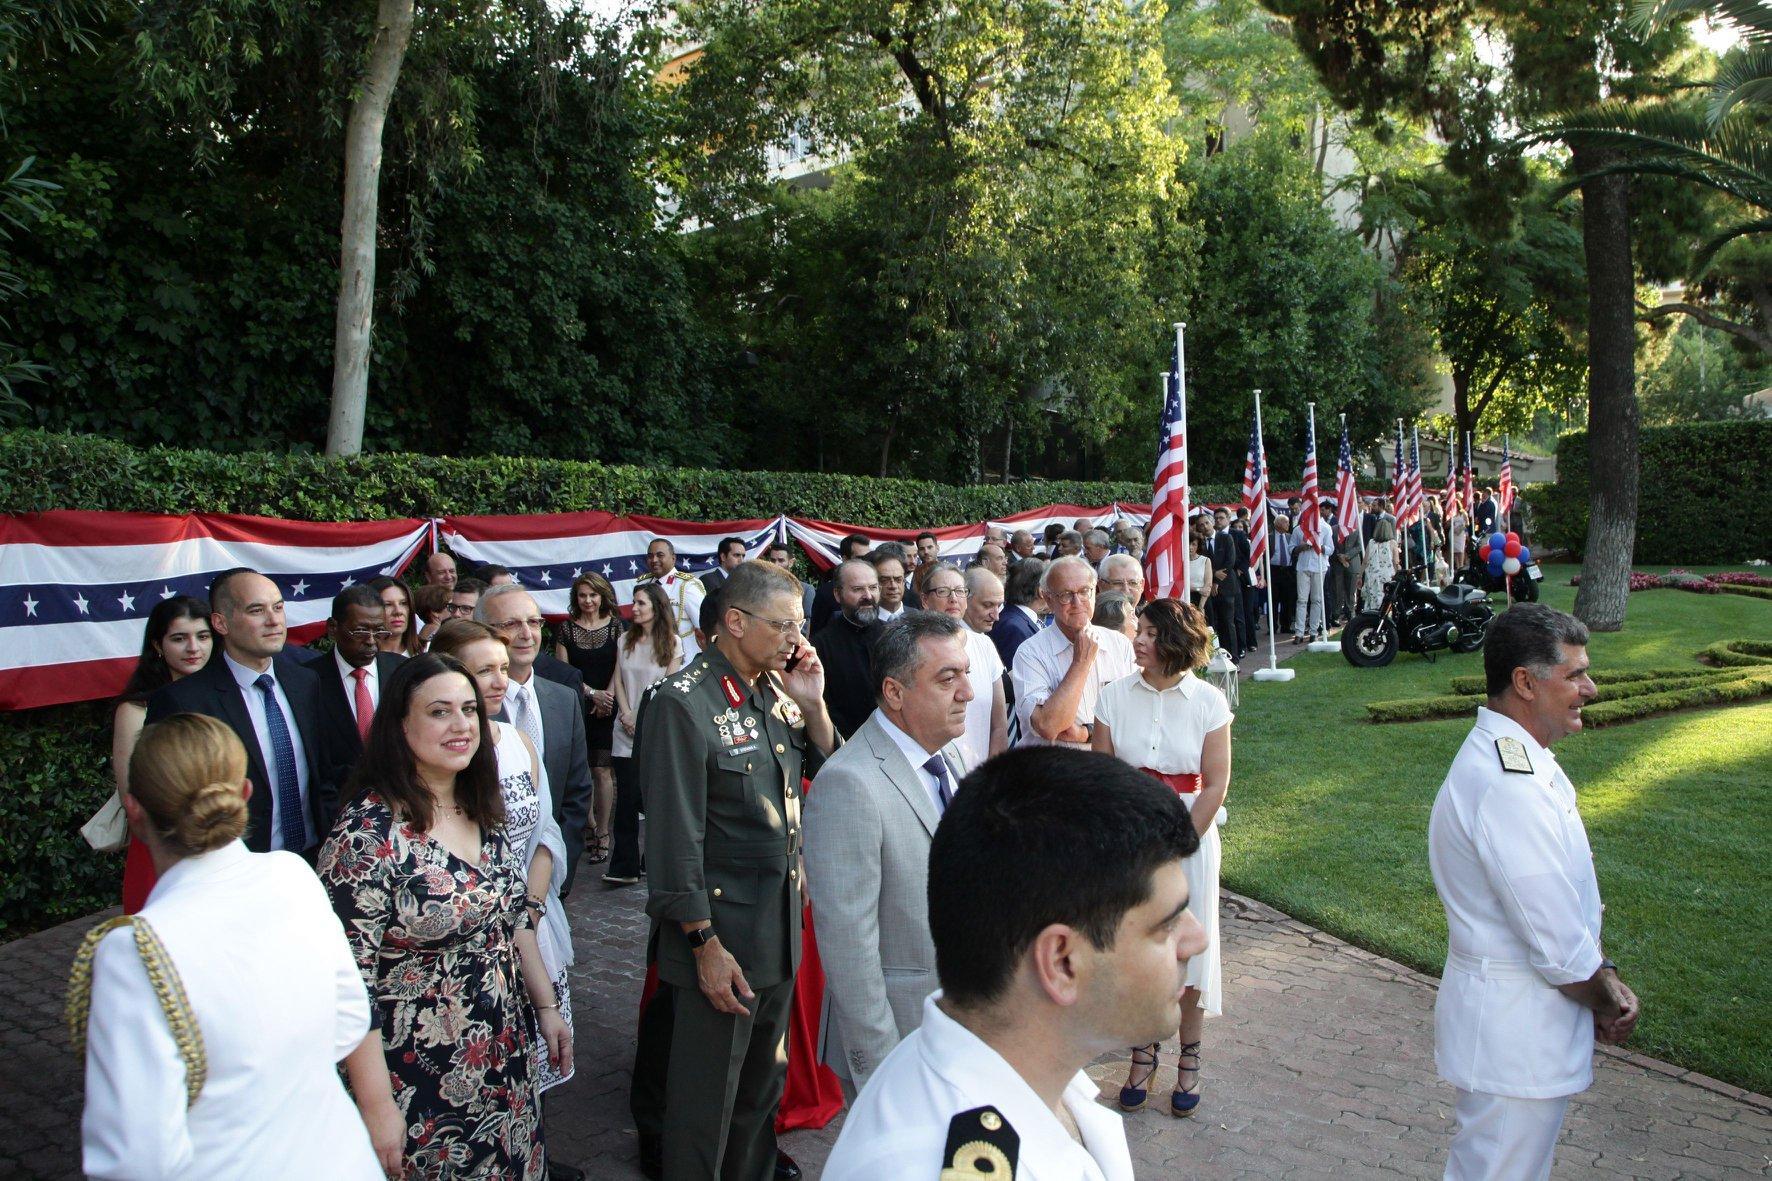 Πλήθος κόσμου περιμένει υπομονετικά στην ουρά της πρεσβείας